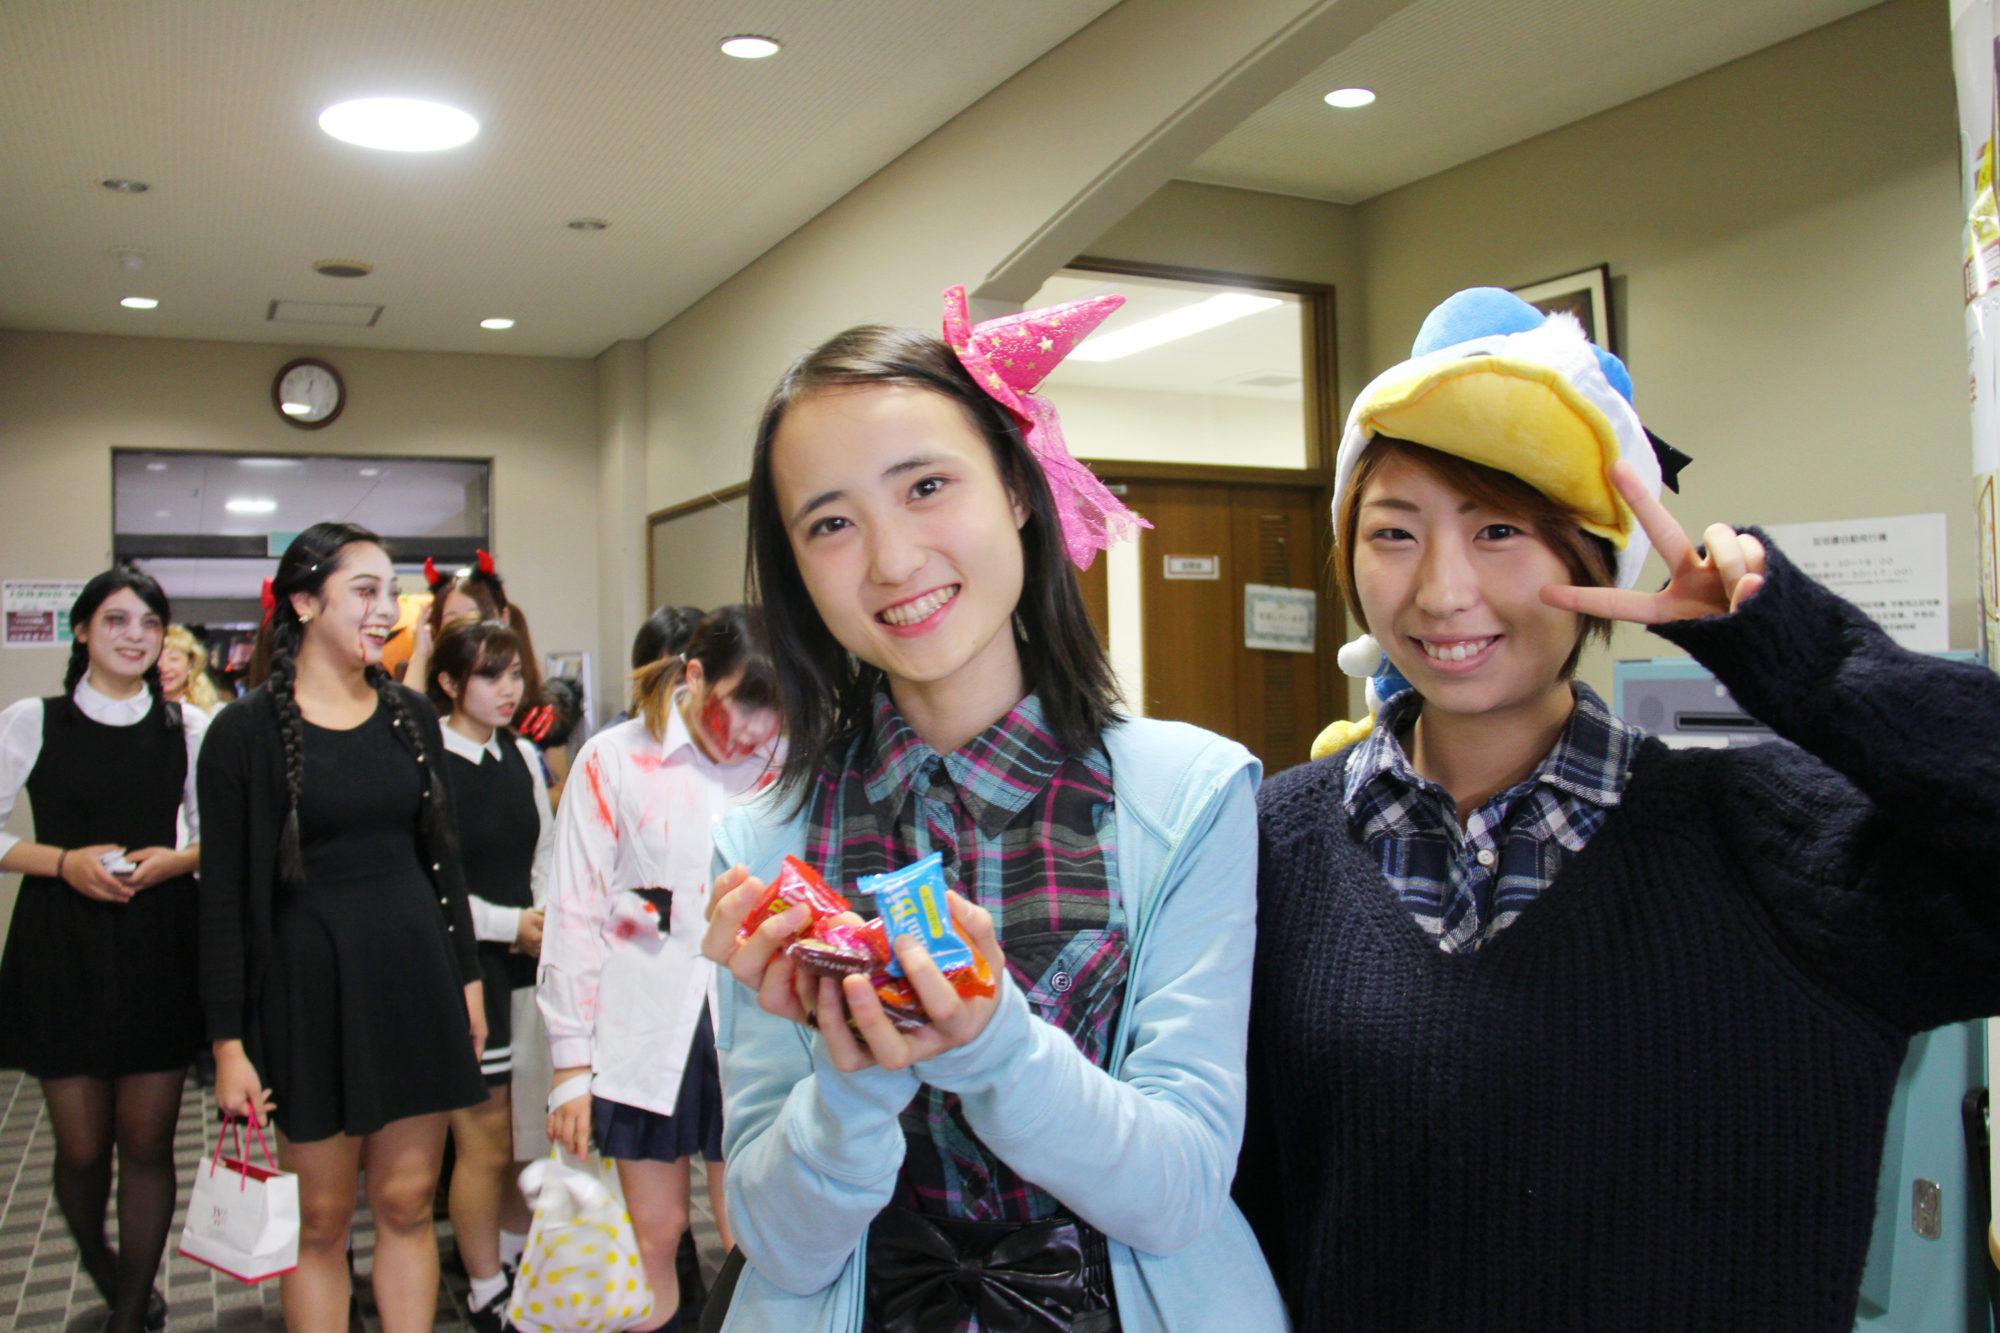 「募金をくれたら、お菓子をあげるぞ!」敬和学園のハロウィンパレード